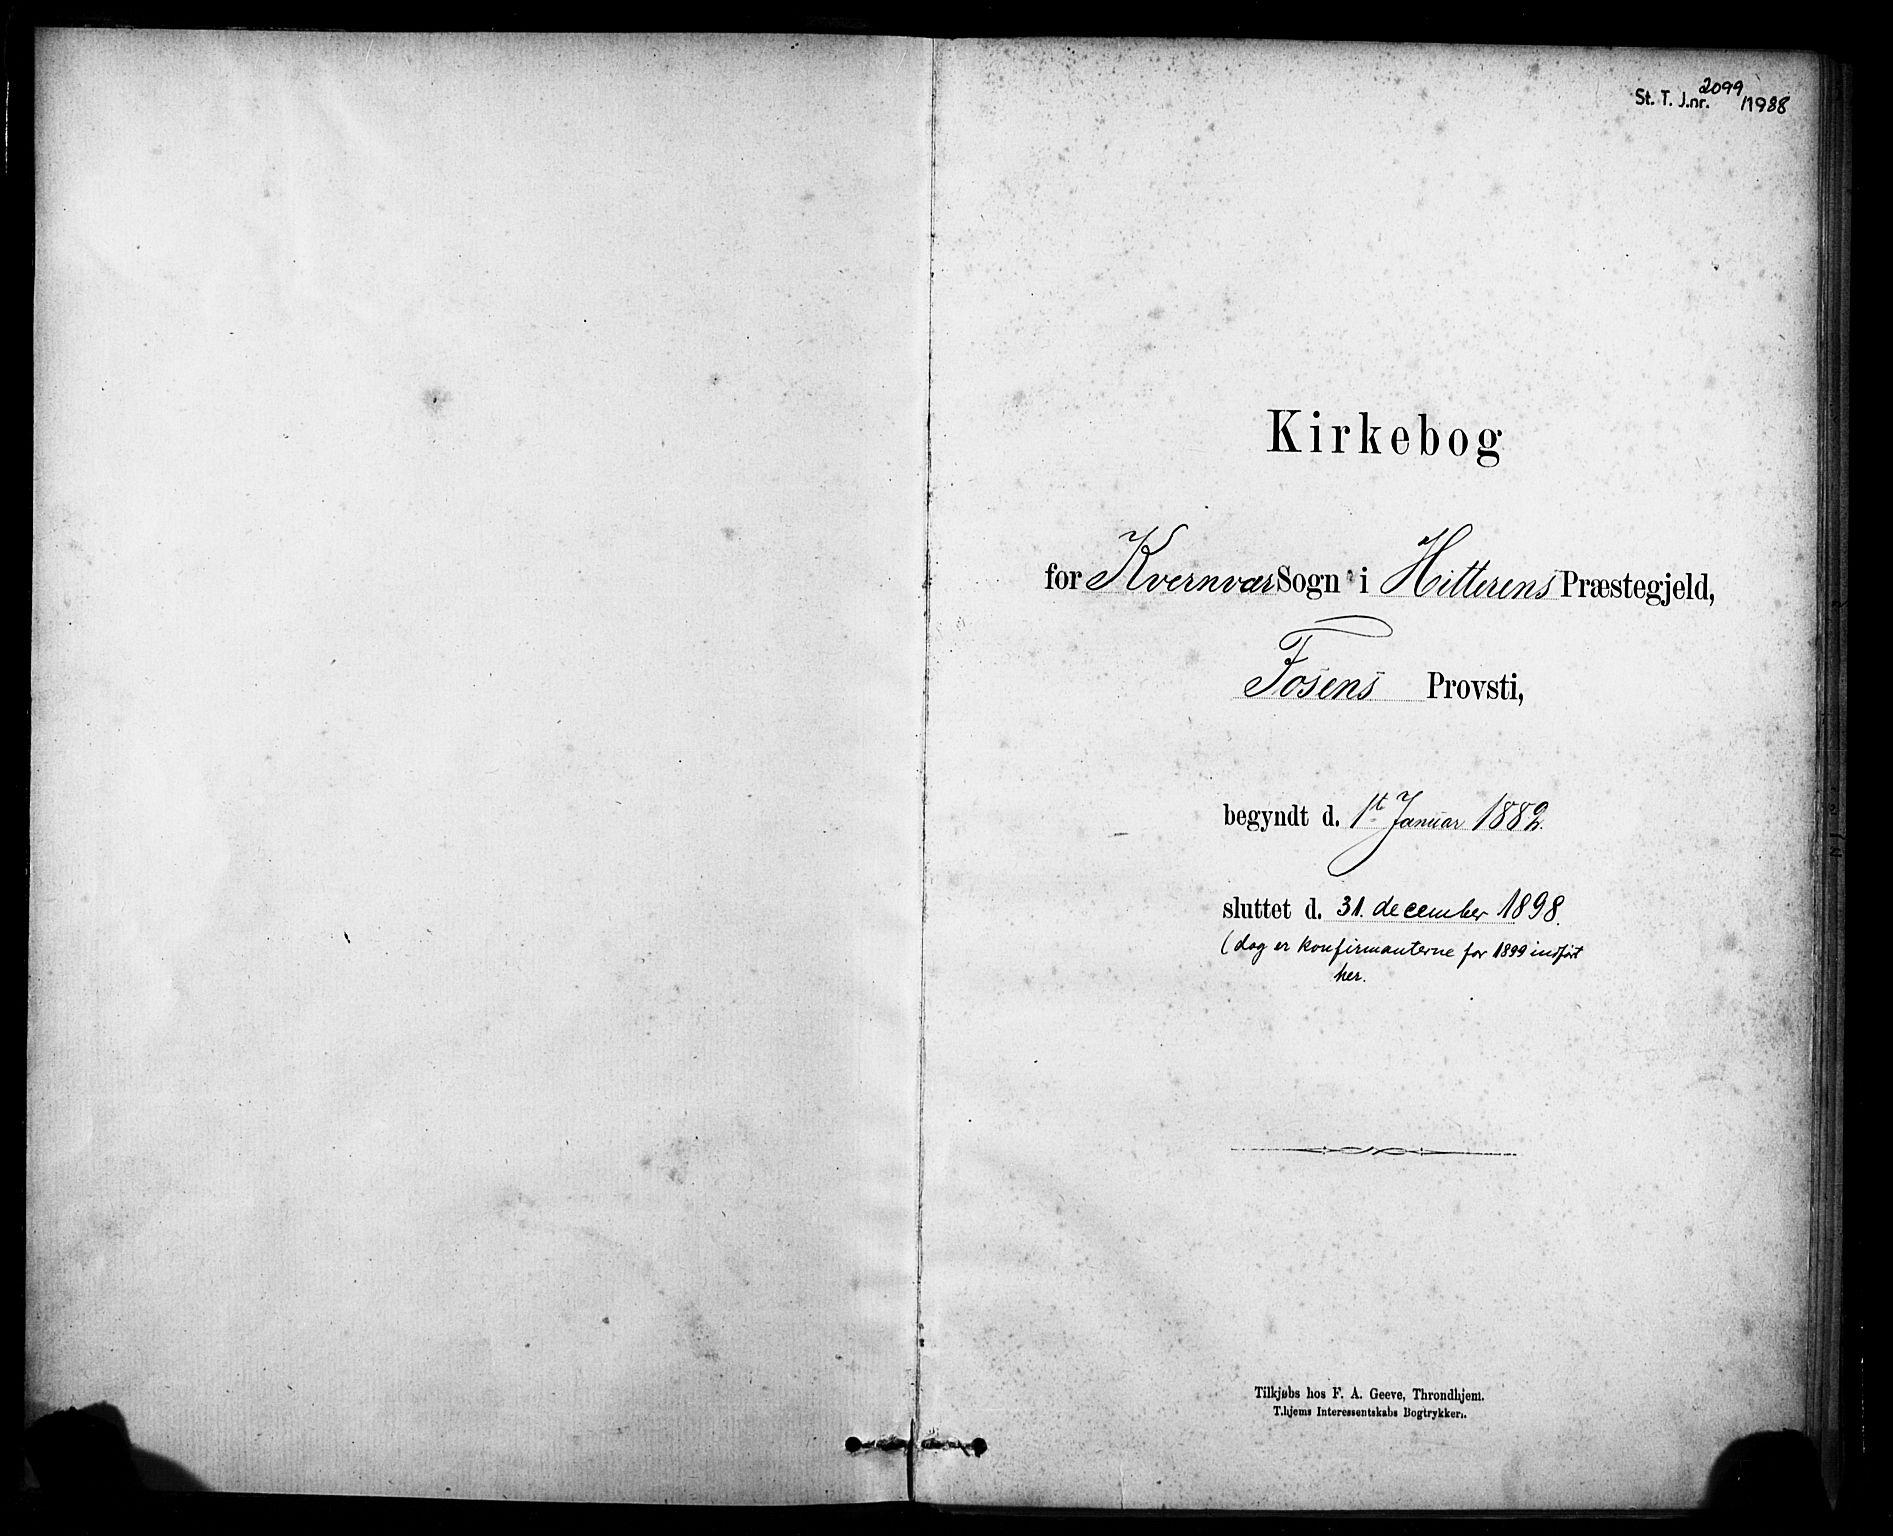 SAT, Ministerialprotokoller, klokkerbøker og fødselsregistre - Sør-Trøndelag, 635/L0551: Ministerialbok nr. 635A01, 1882-1899